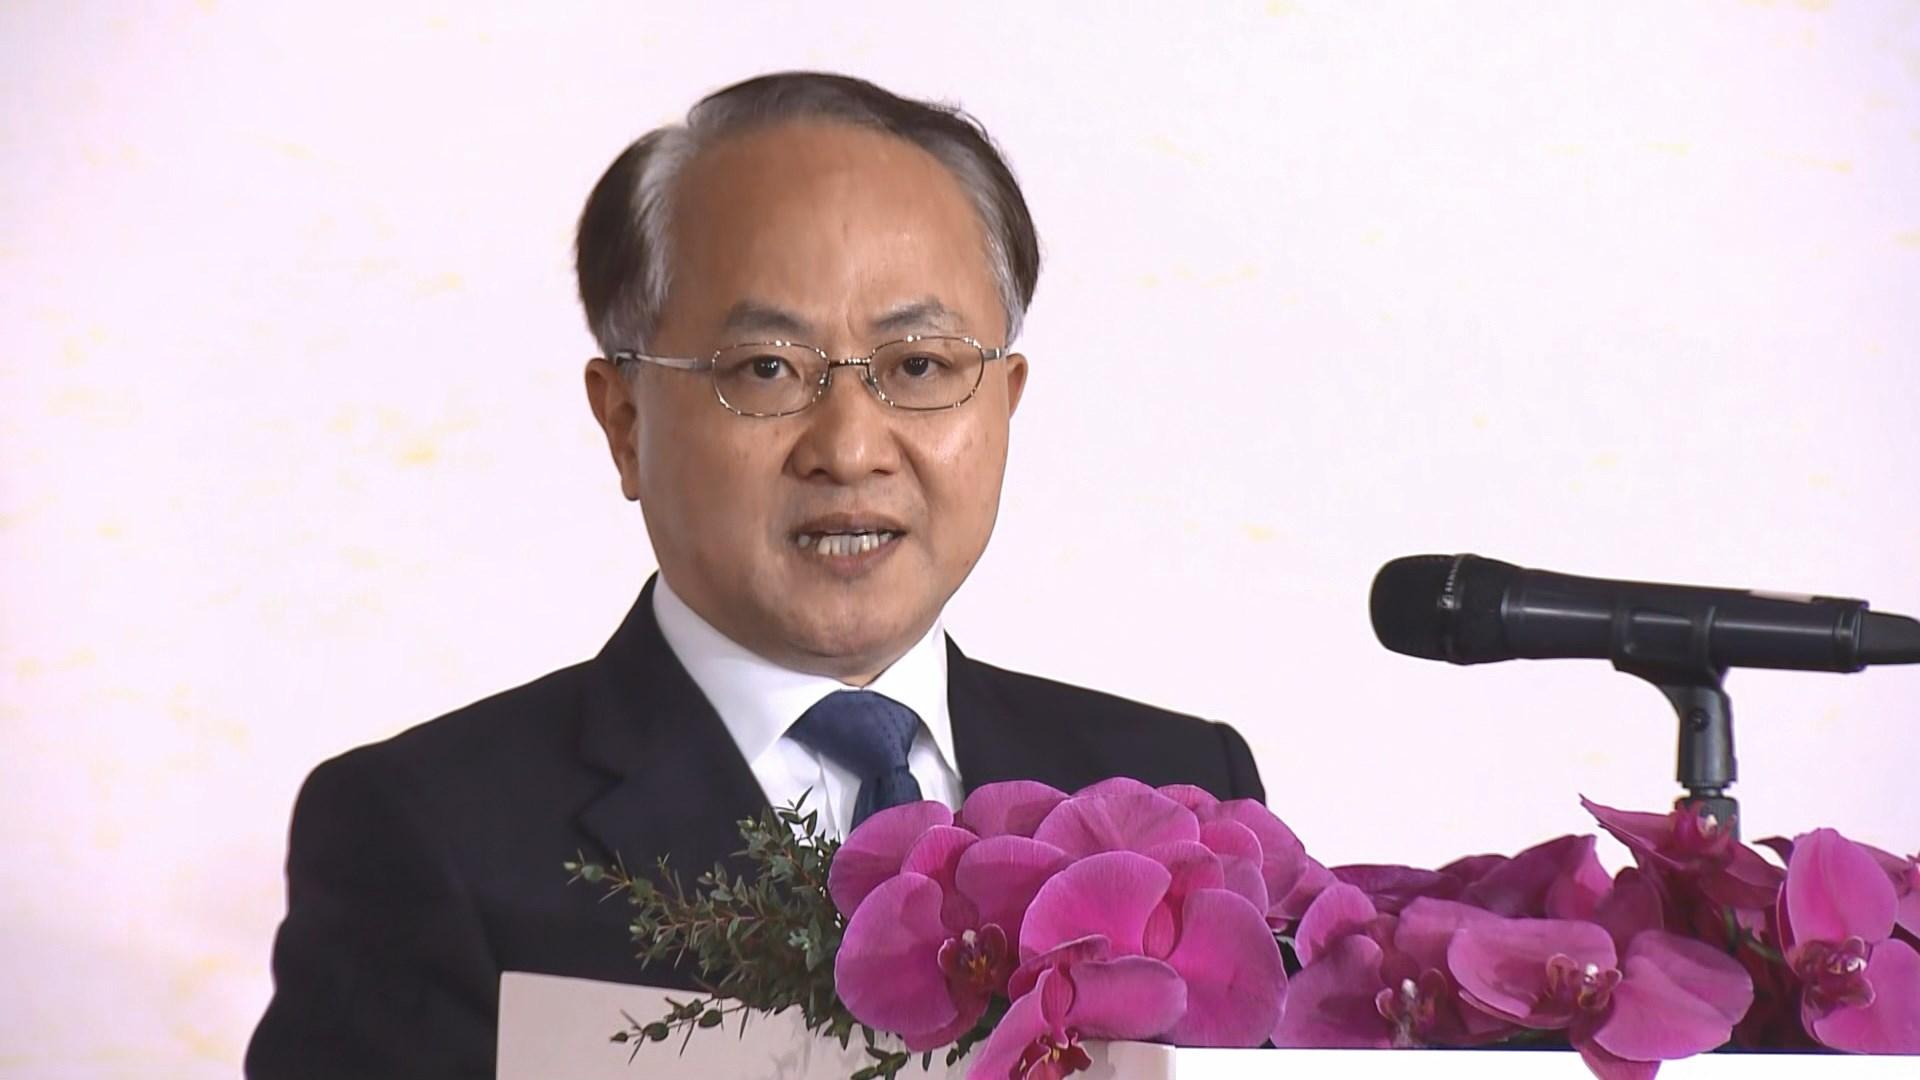 王志民:佔中九子全罪成彰顯法治精神 是正義的審判